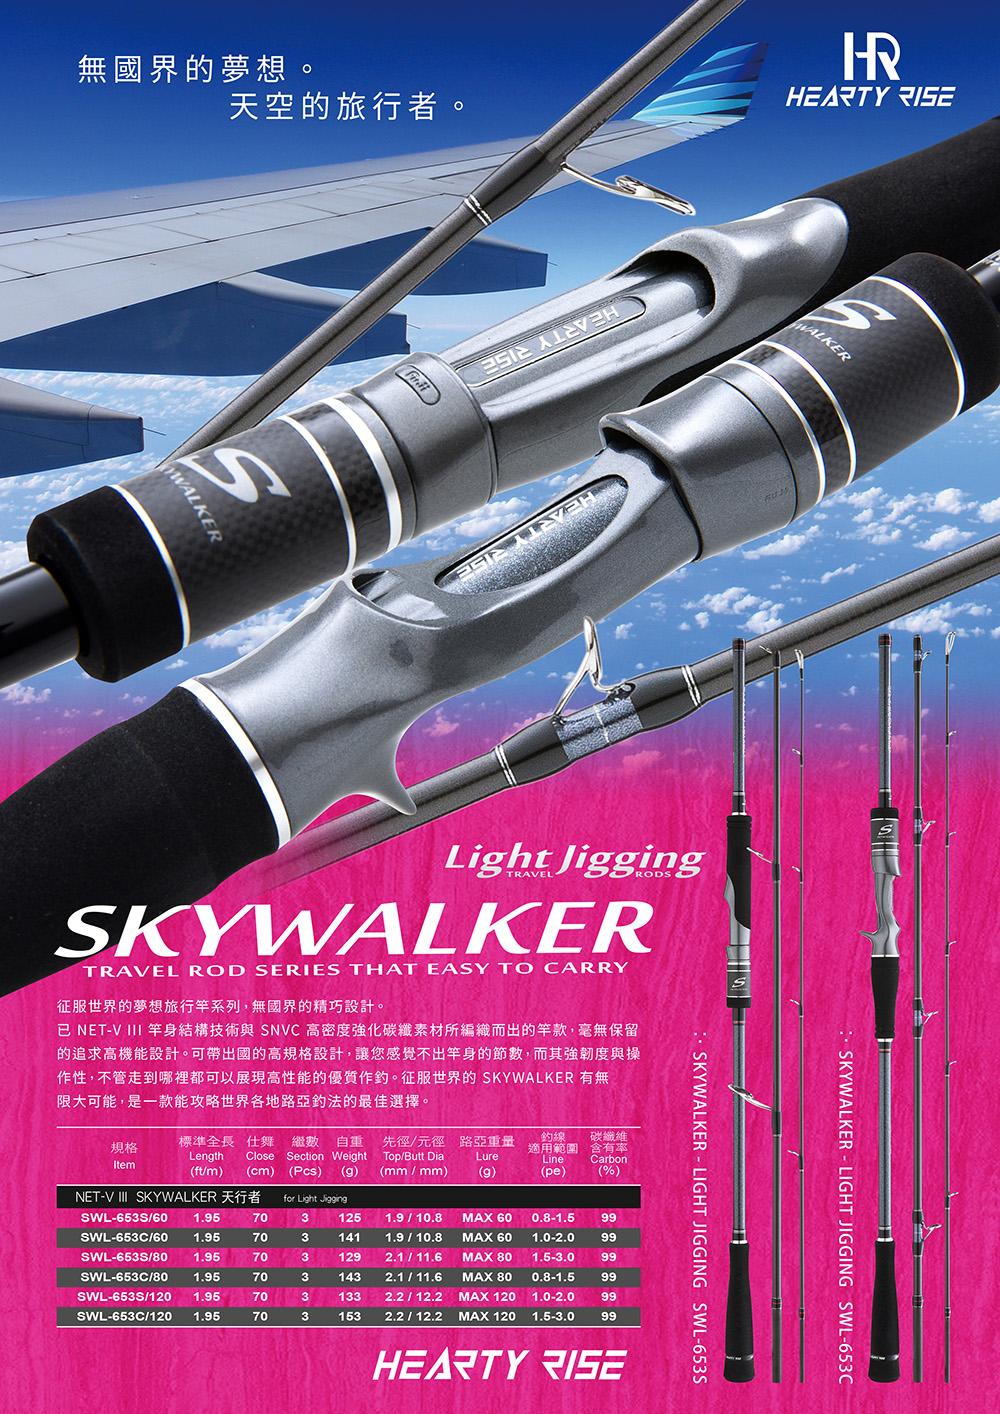 HR Skywalker LIGHT JIGGING 653 1000